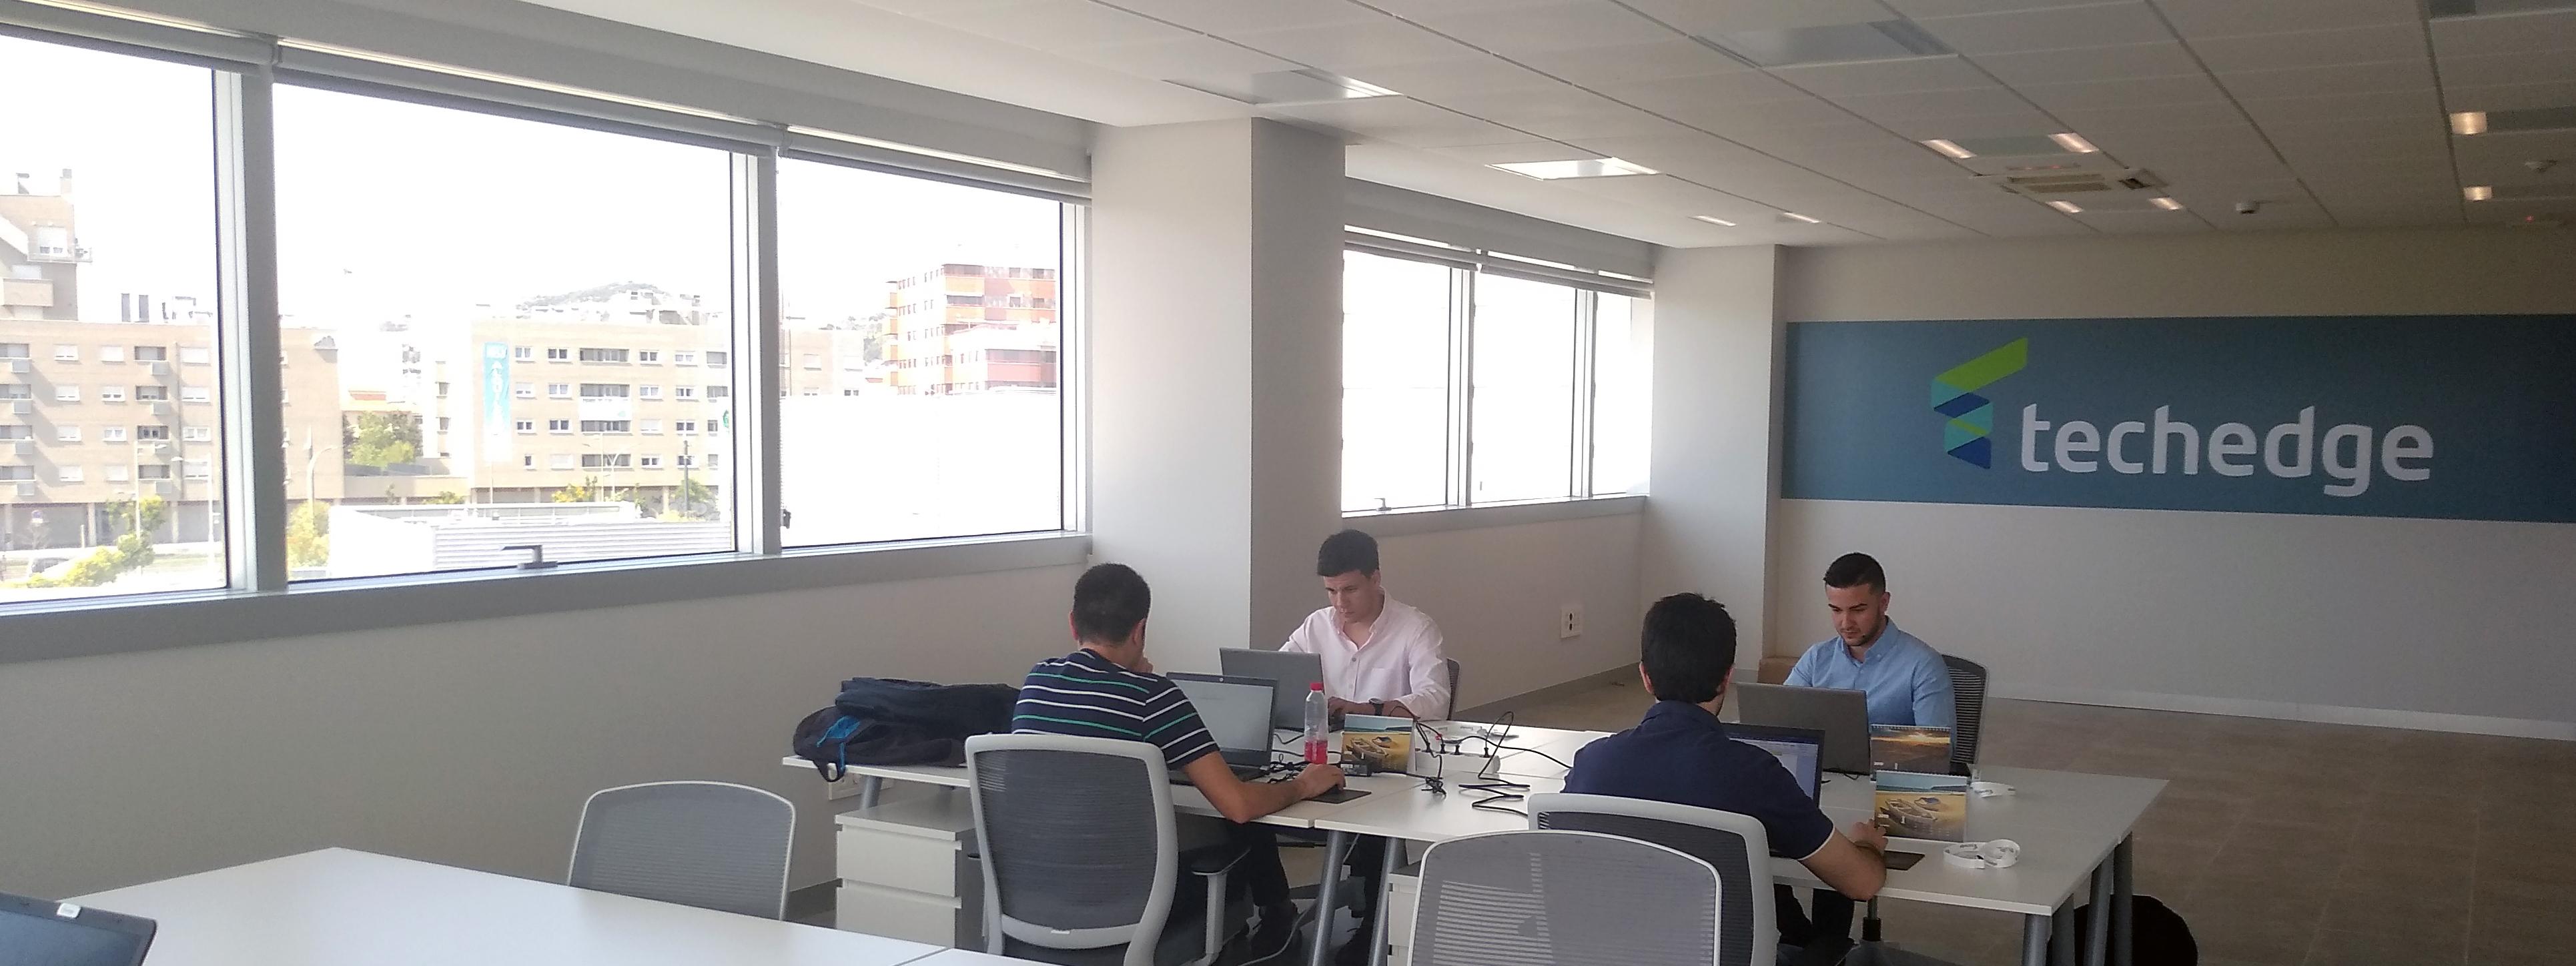 Techedge abre nuevas oficinas en Granada y León